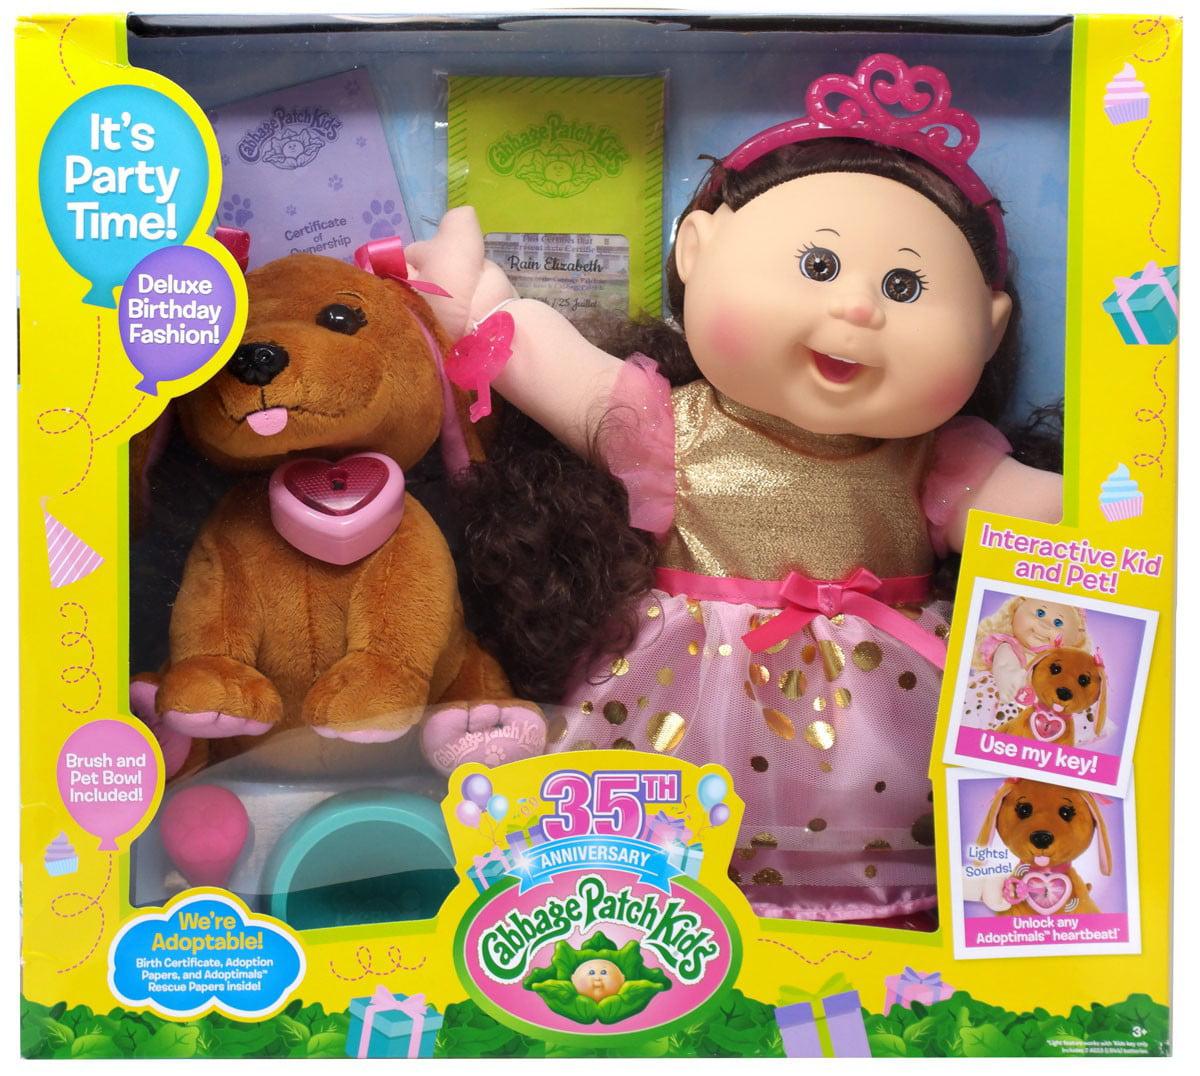 Cabbage Patch Kids Adoptimals Rain Elizabeth Doll by